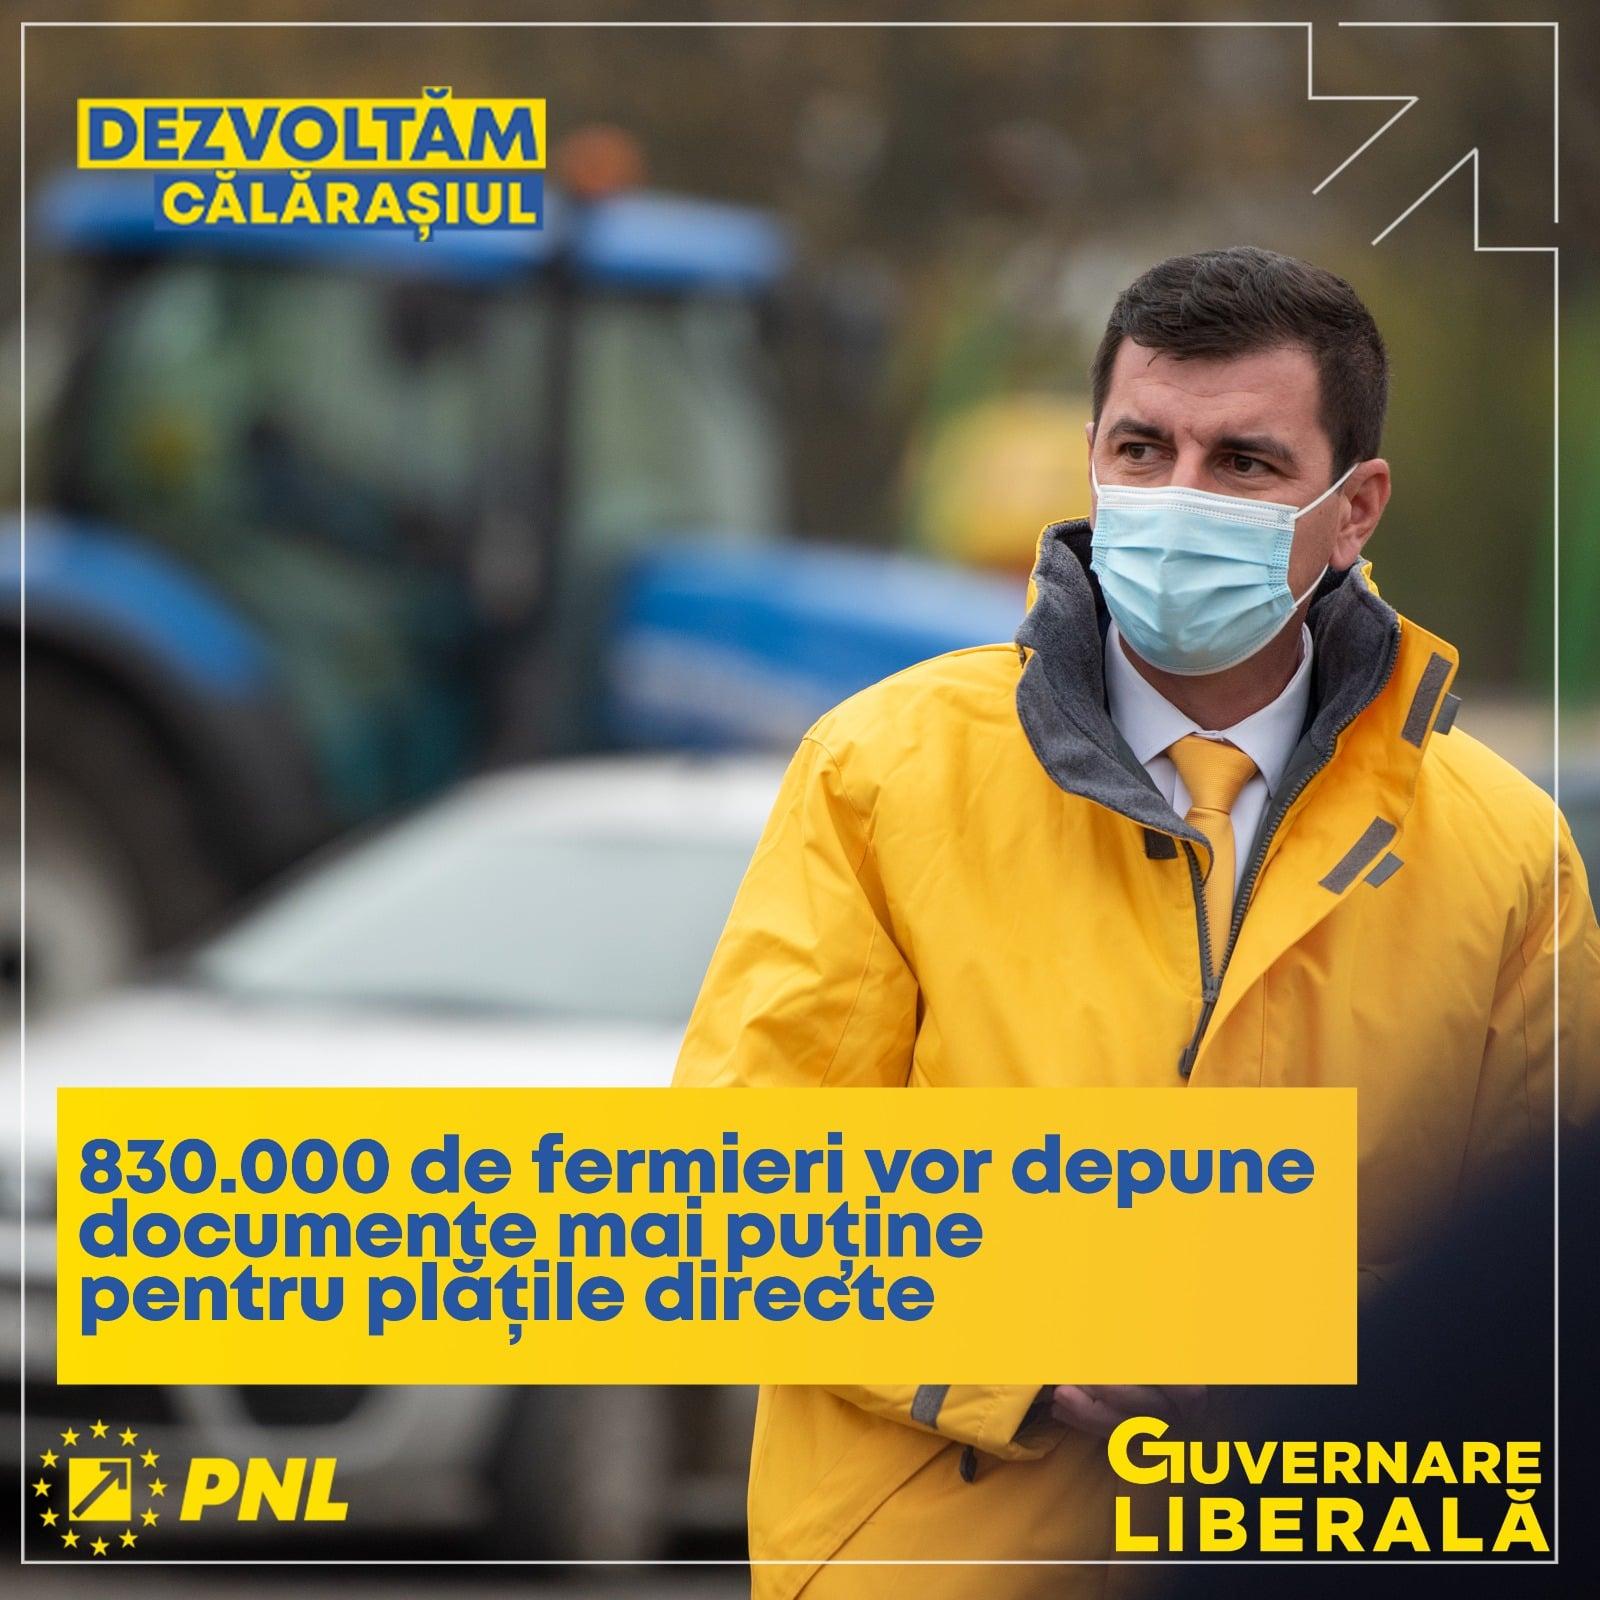 """Emil Florian Dumitru, candidat PNL pentru Camera Deputaților: ,,830.000 de fermieri din România vor fi scutiți să mai alerge după hârtii"""""""